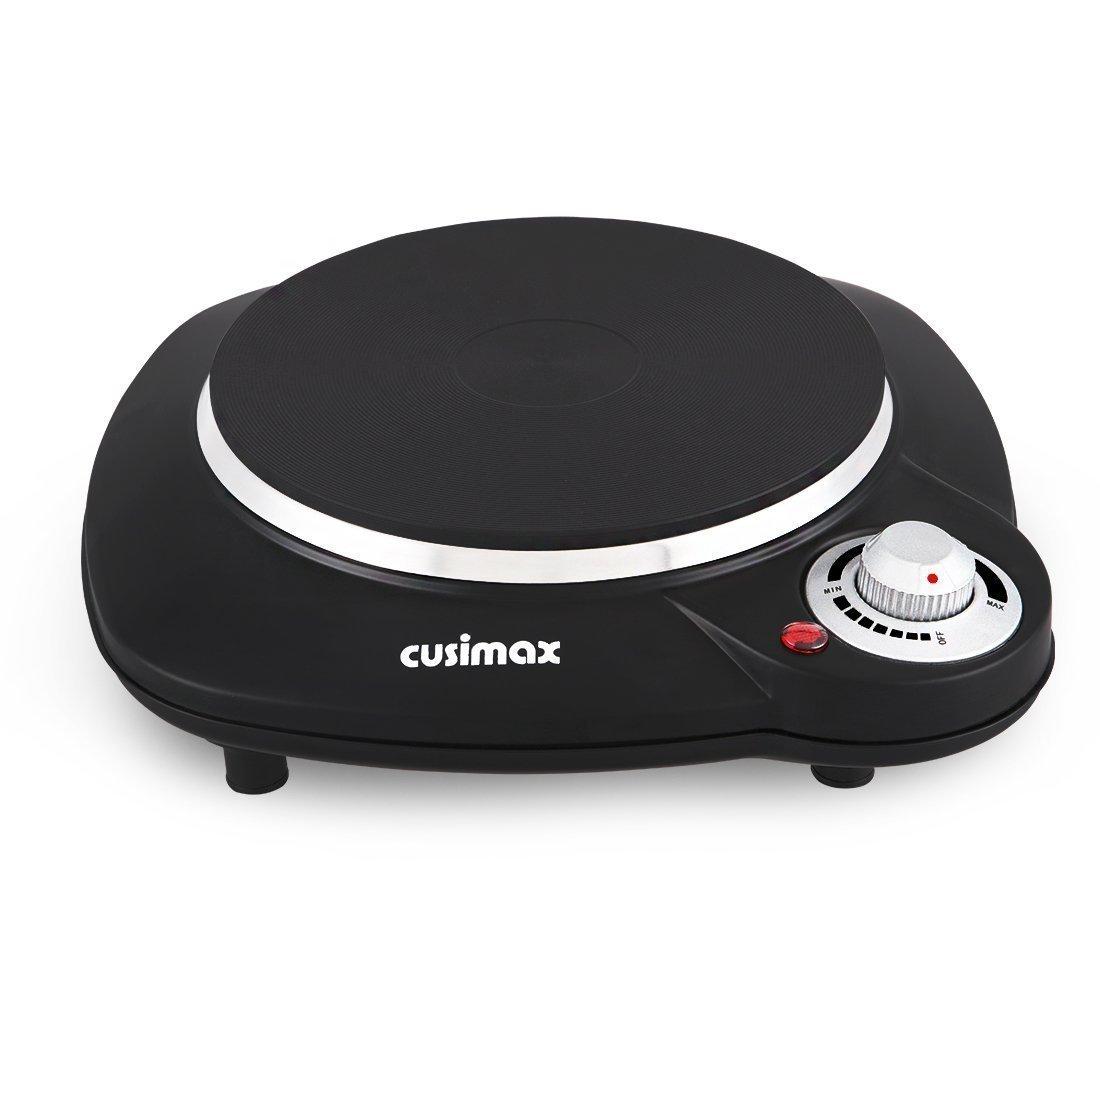 Cusimax 1000W Placa de cocina individual eléctrica con termostato regulable de temperatura, CMHP-B112, color negro: Amazon.es: Hogar